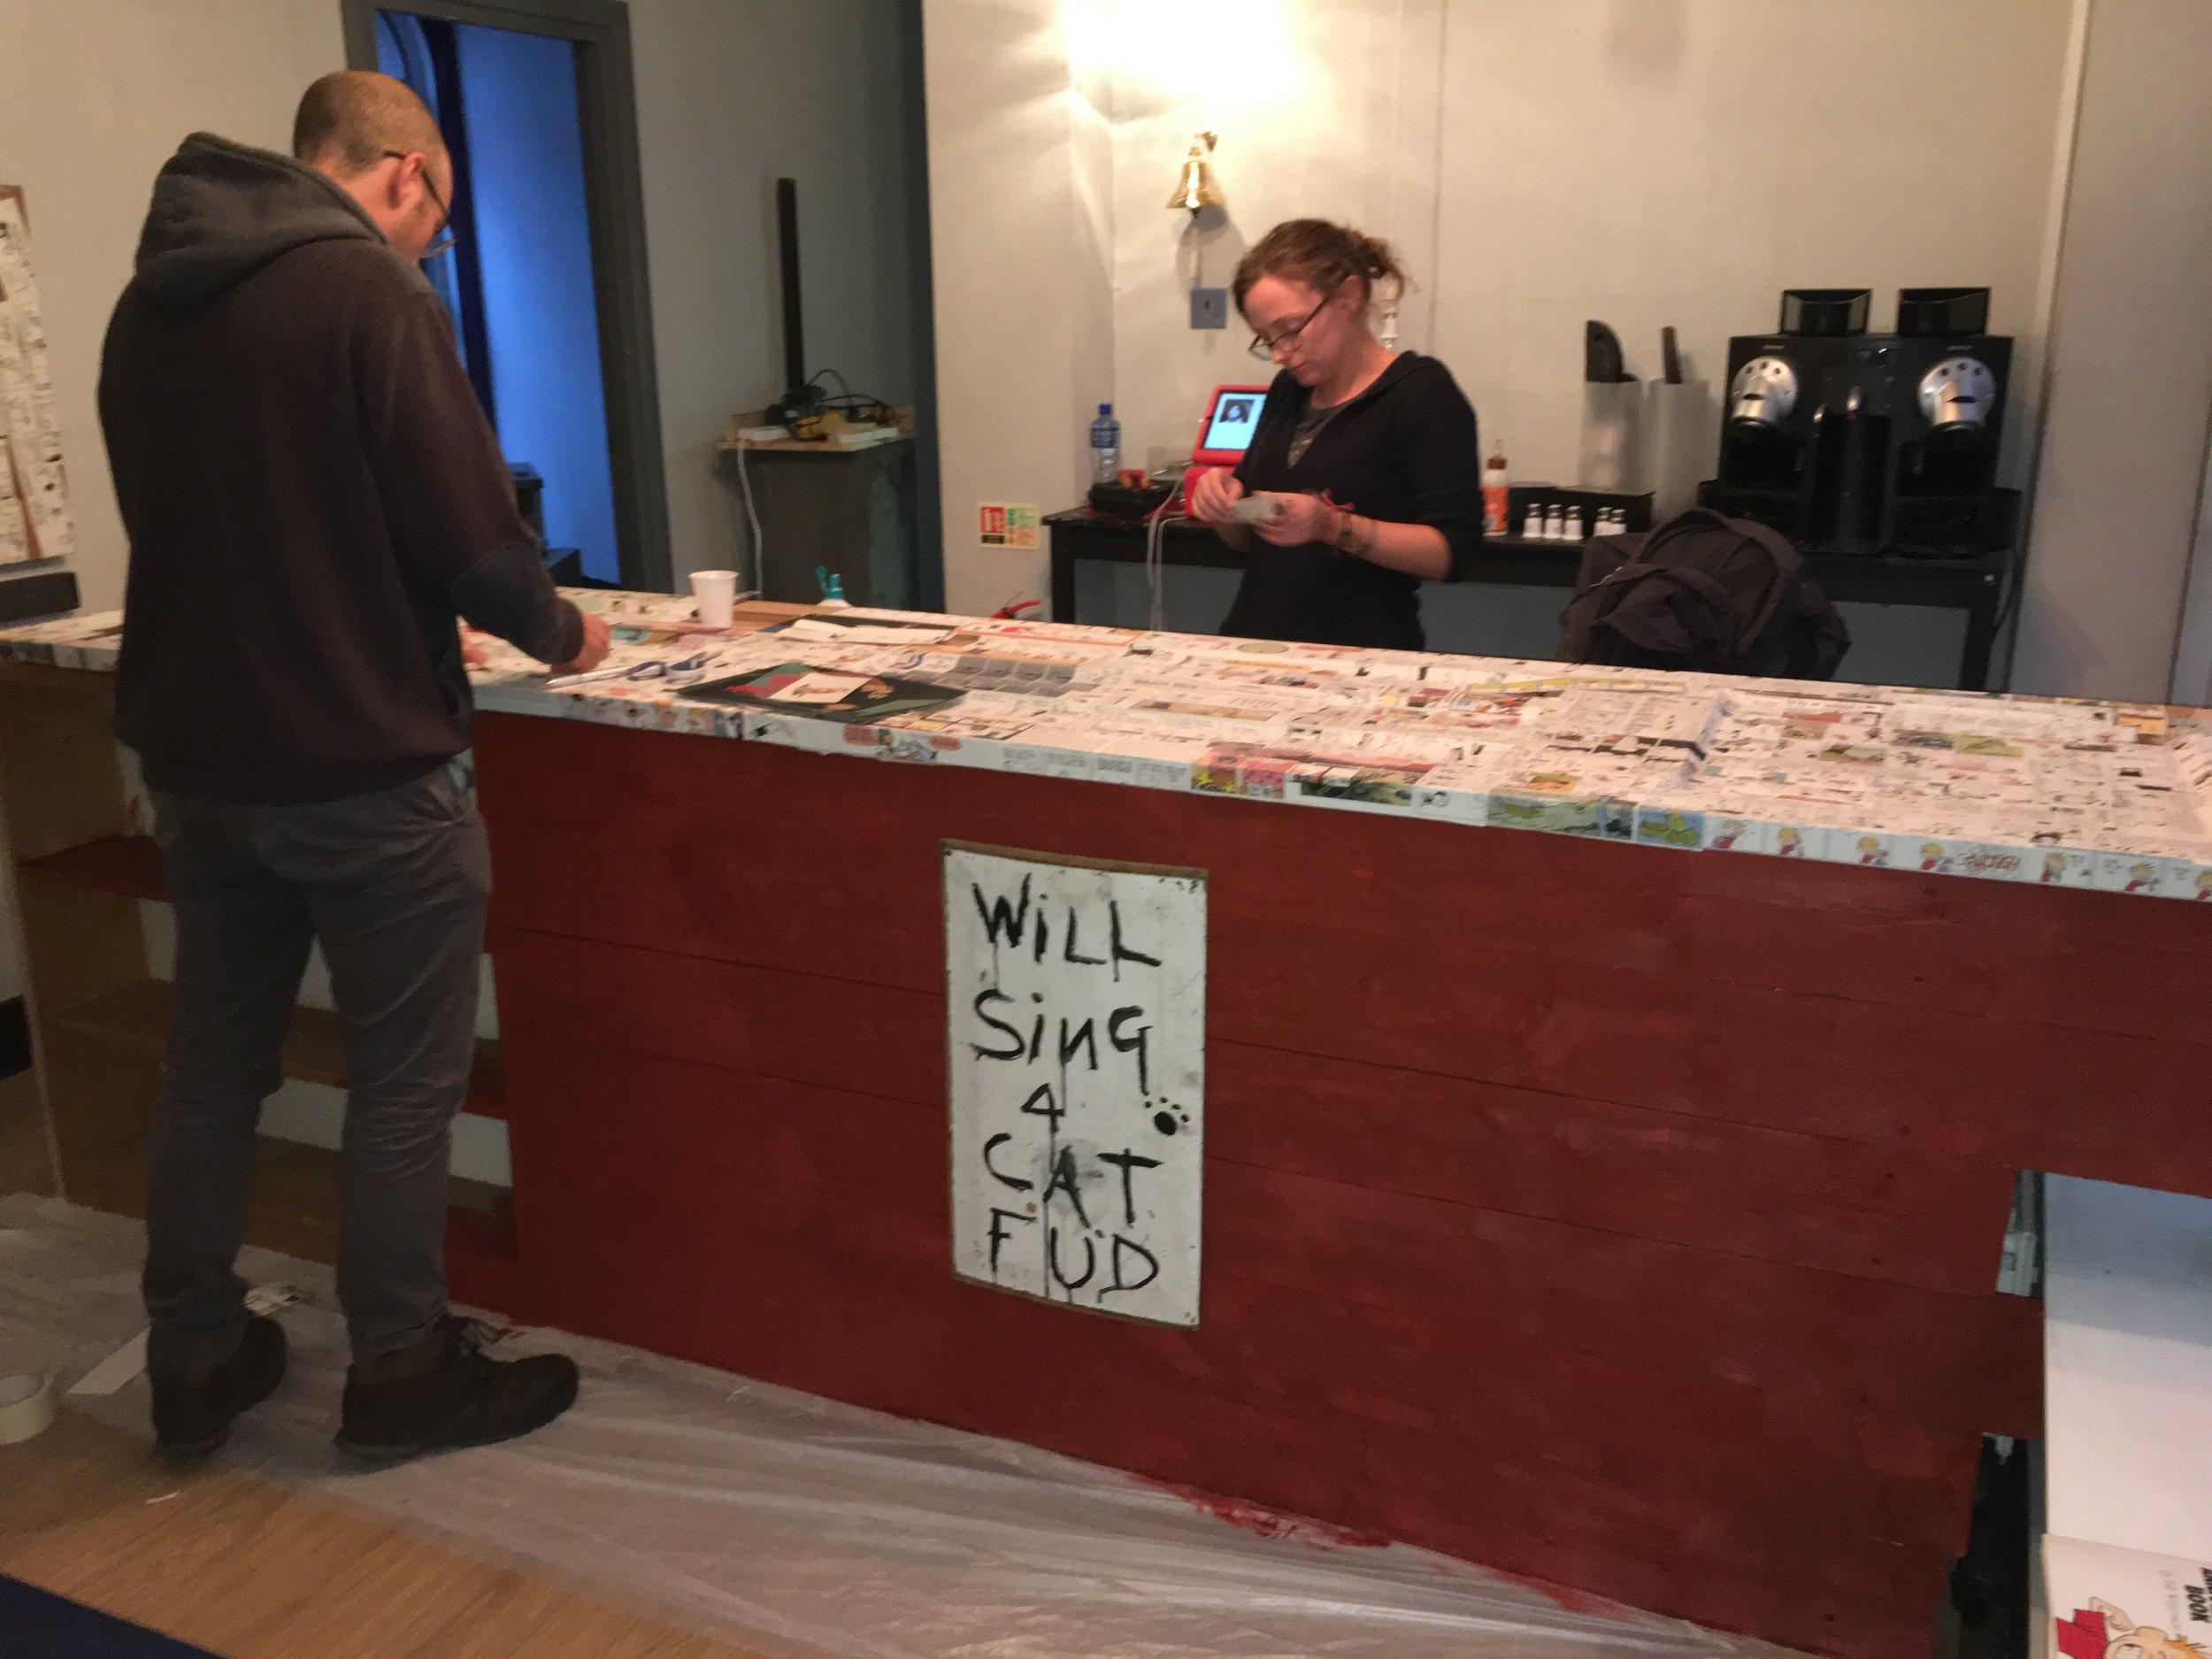 Teresa & John decorate the bar with Richard's Calvin & Hobbes cartoons